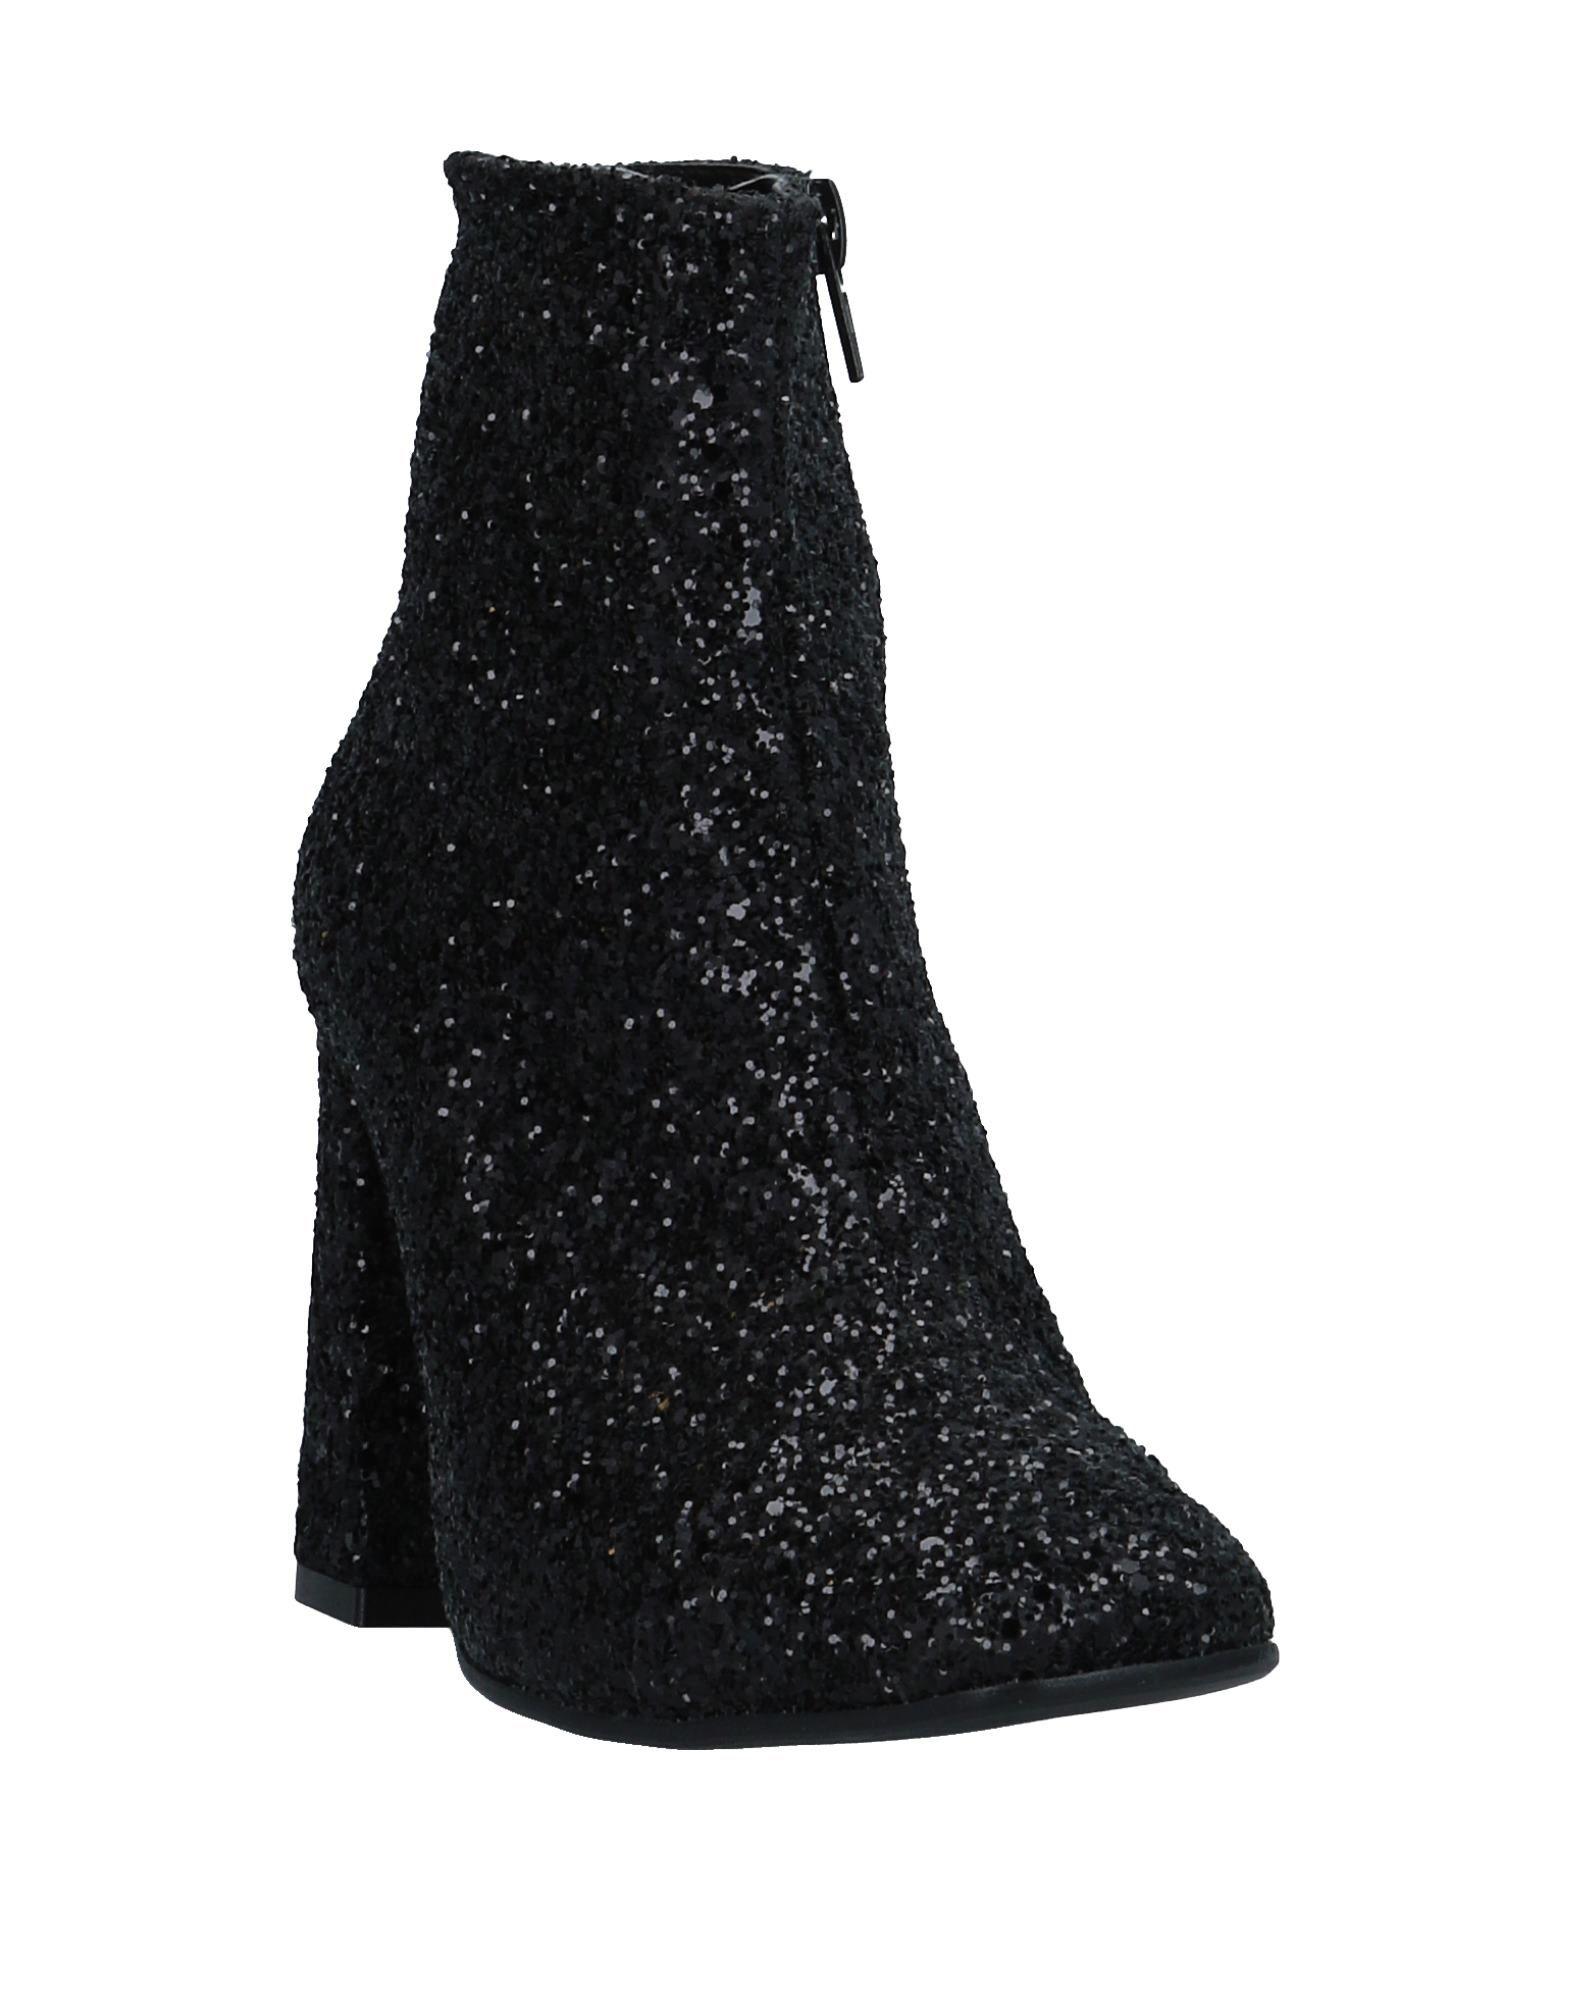 Stilvolle Damen billige Schuhe Onako' Stiefelette Damen Stilvolle  11527241TP e0dd94